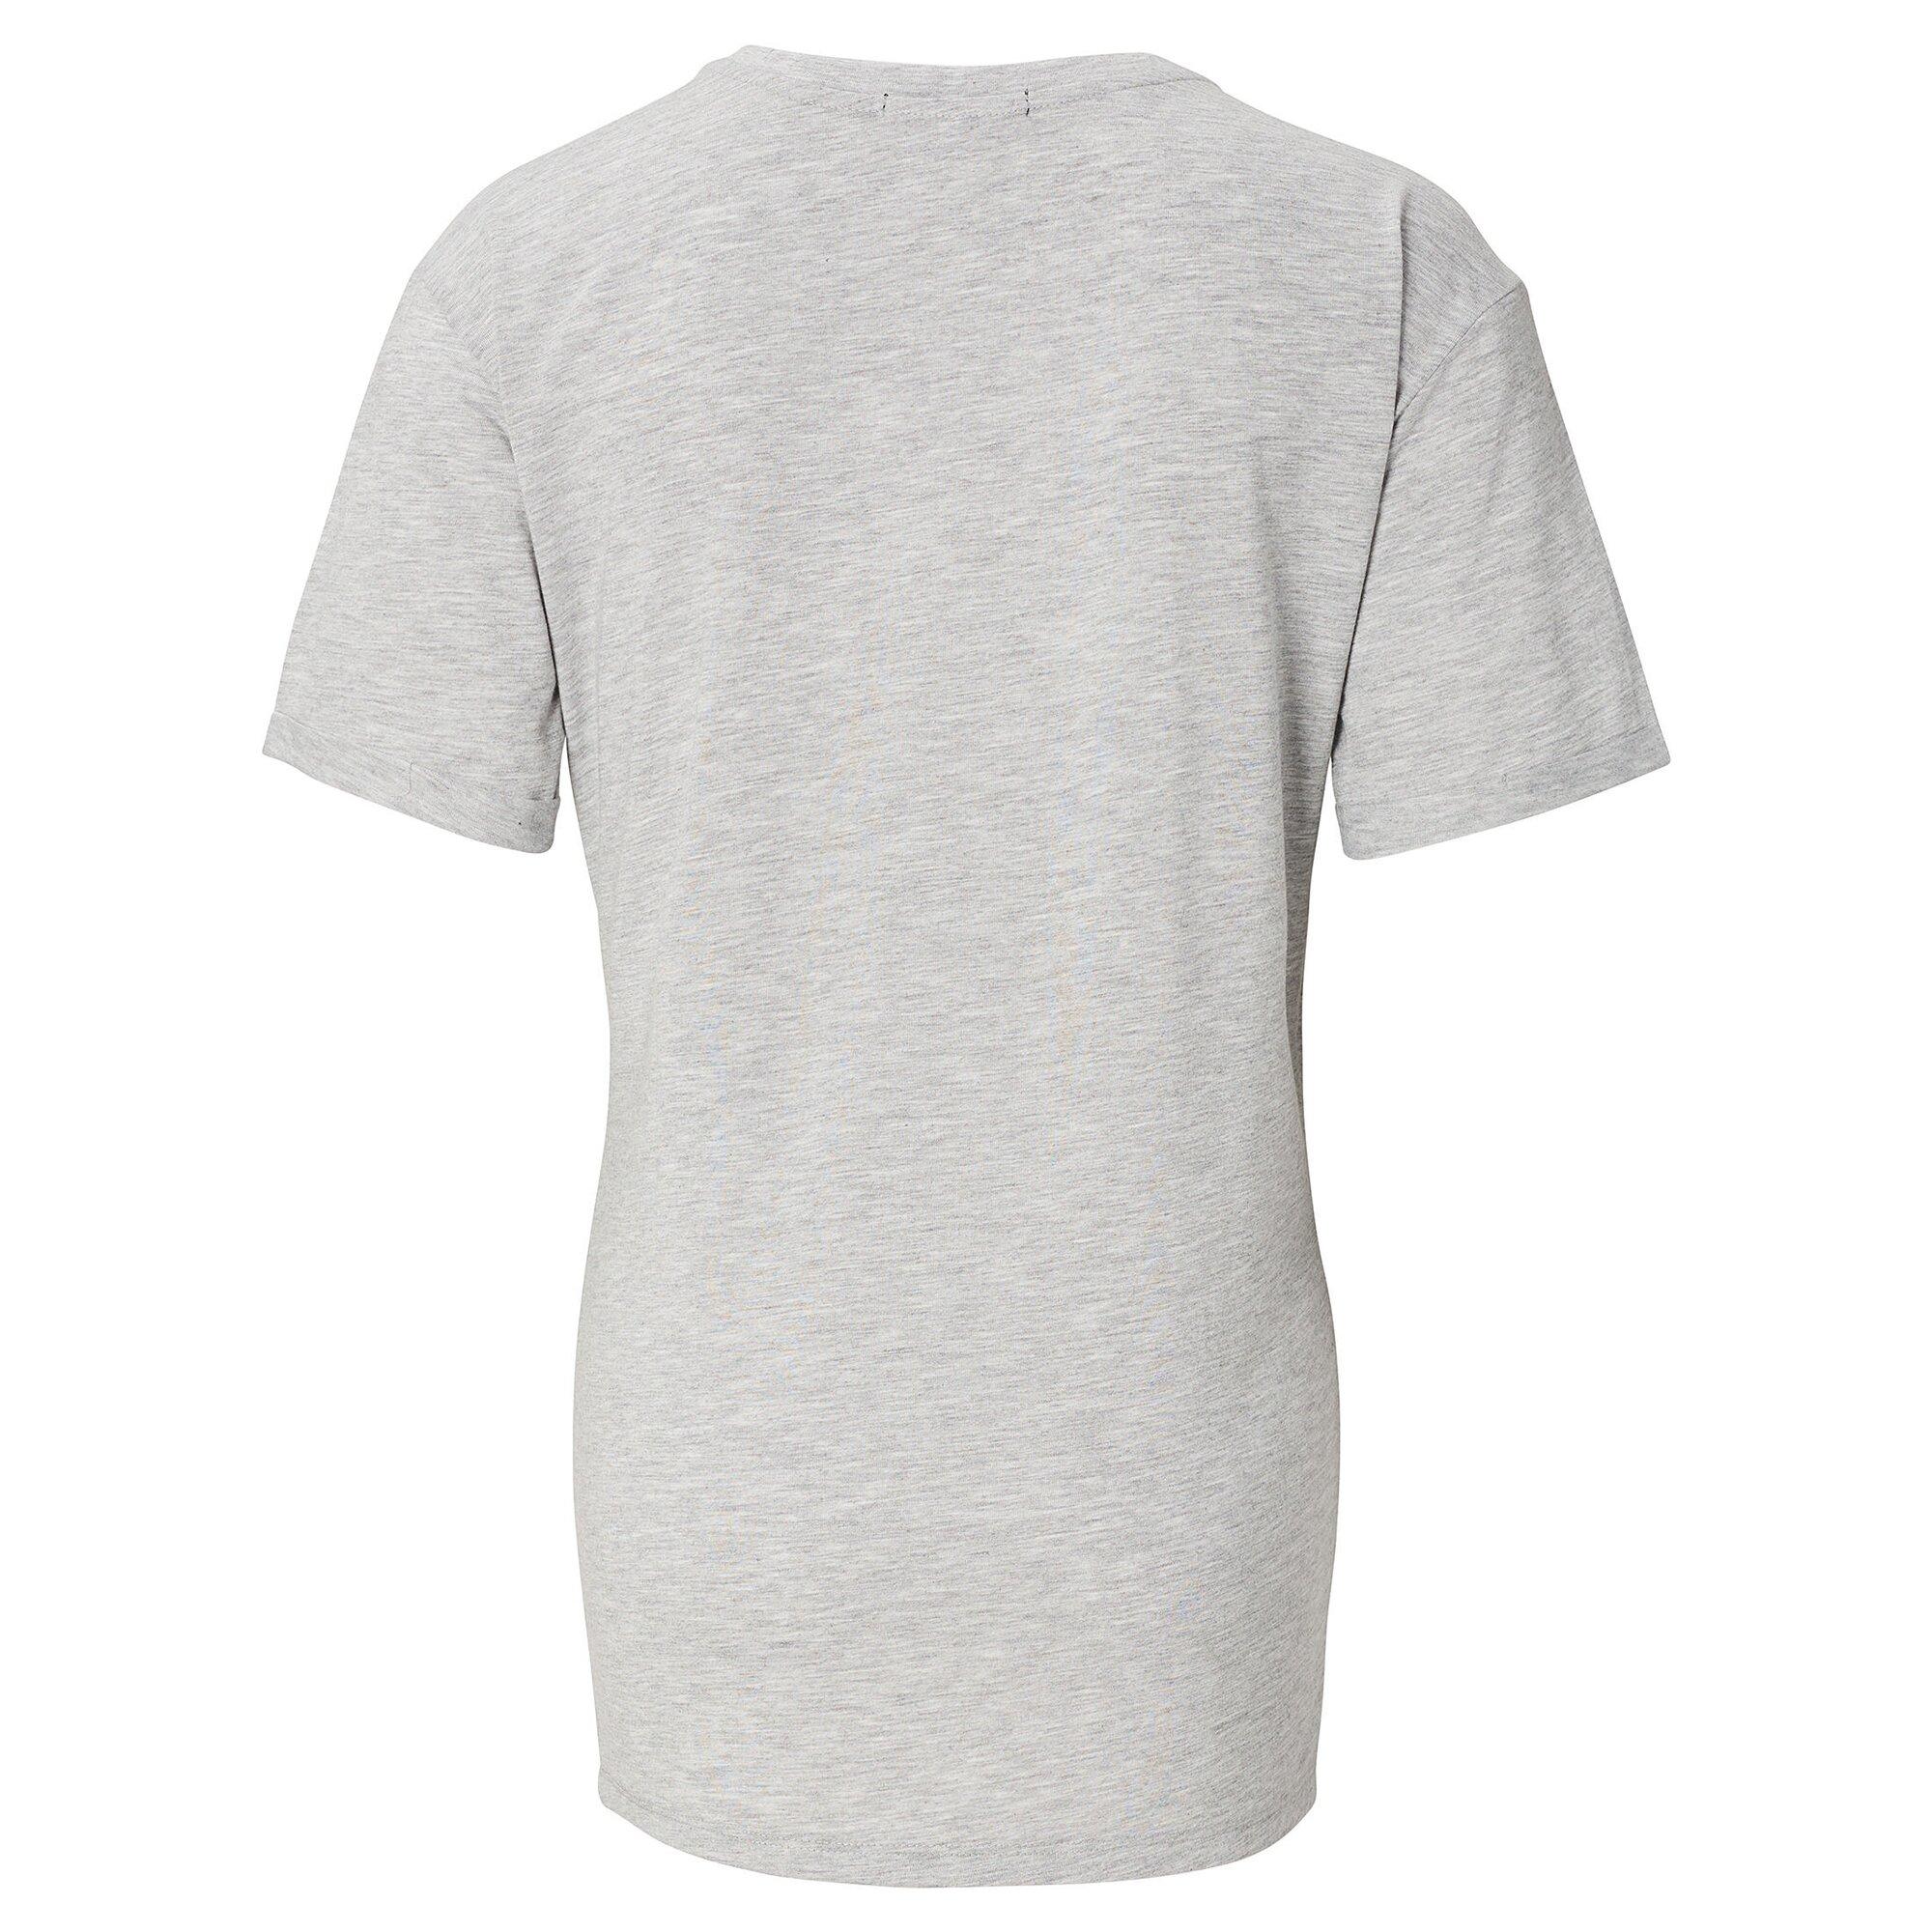 supermom-t-shirt-print